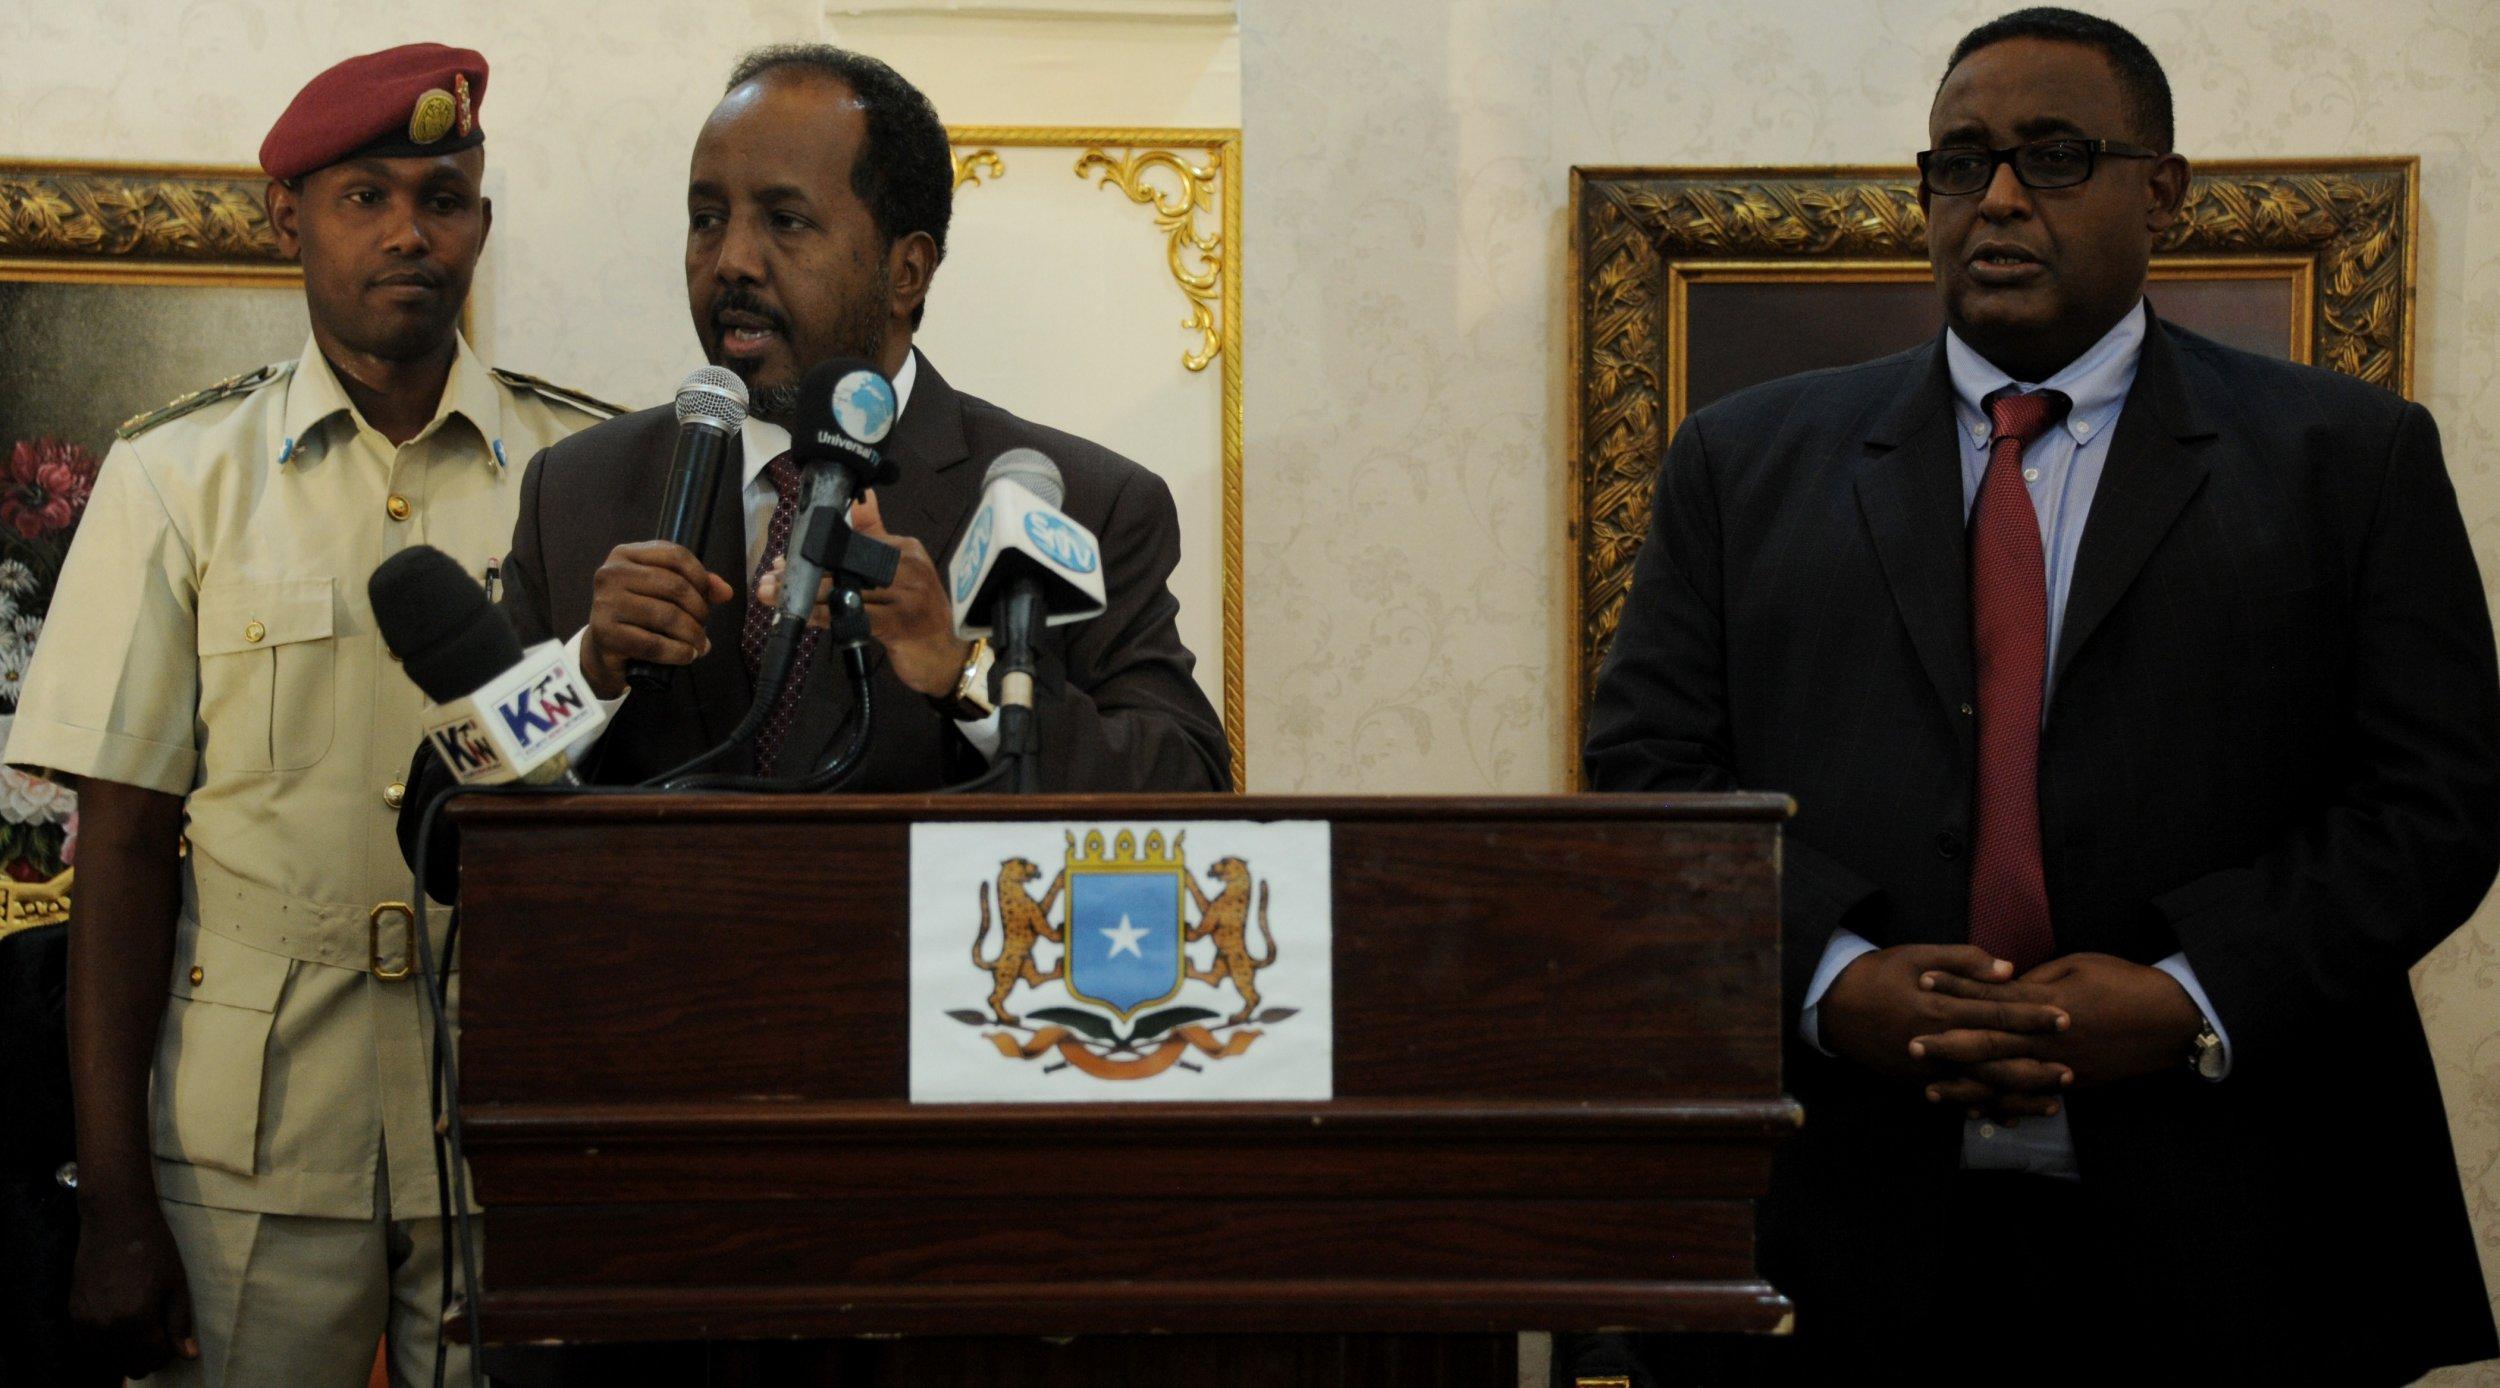 Somali president and prime minister